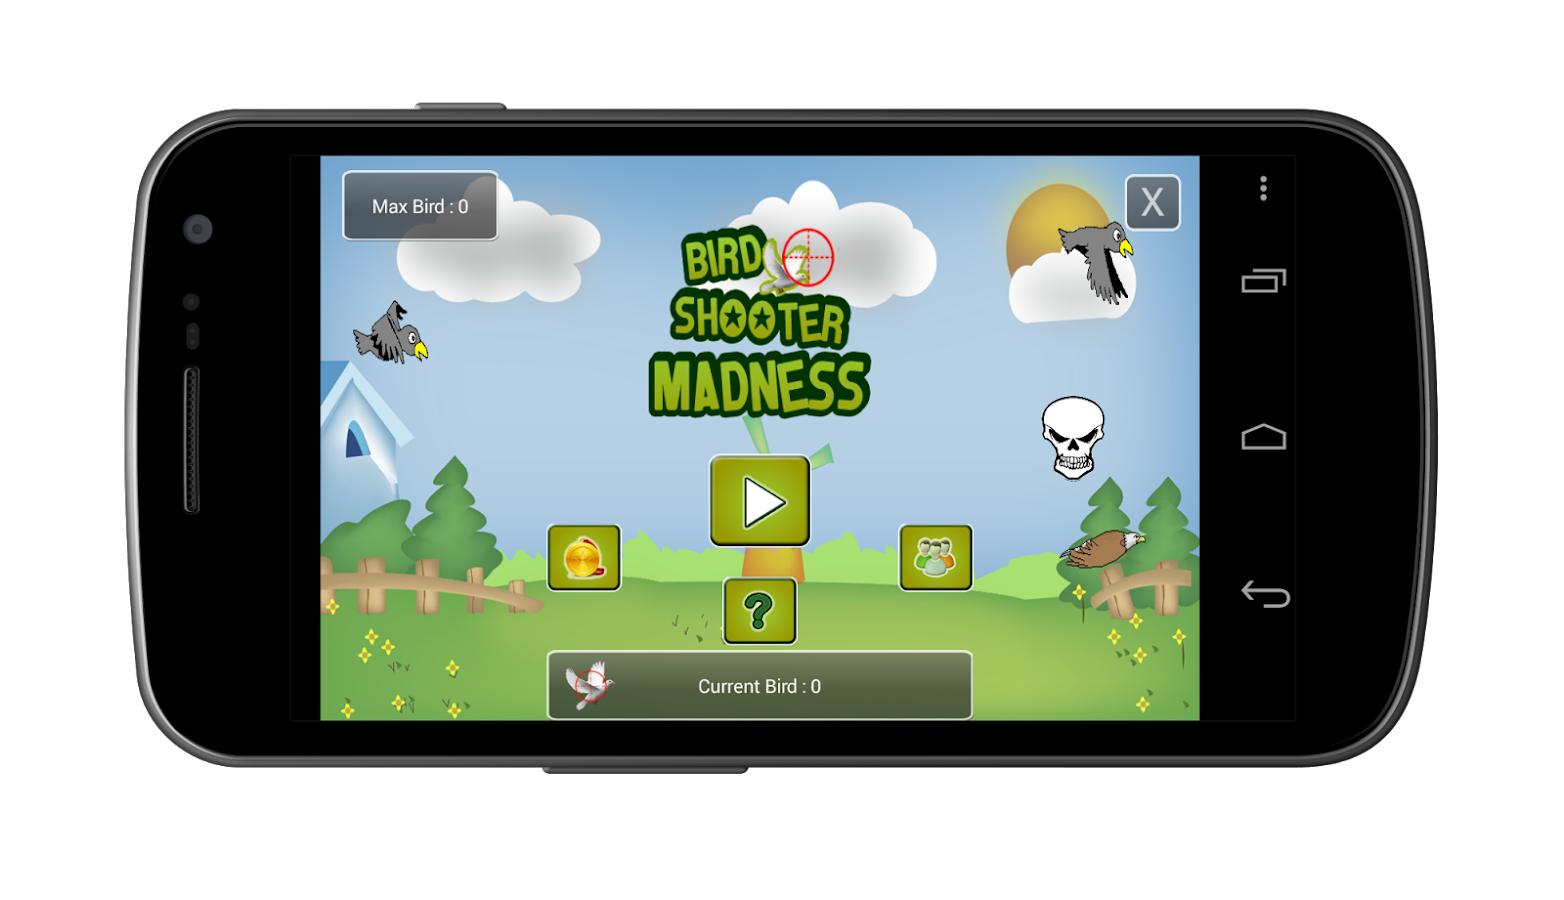 Bird-Shooter-Madness 3